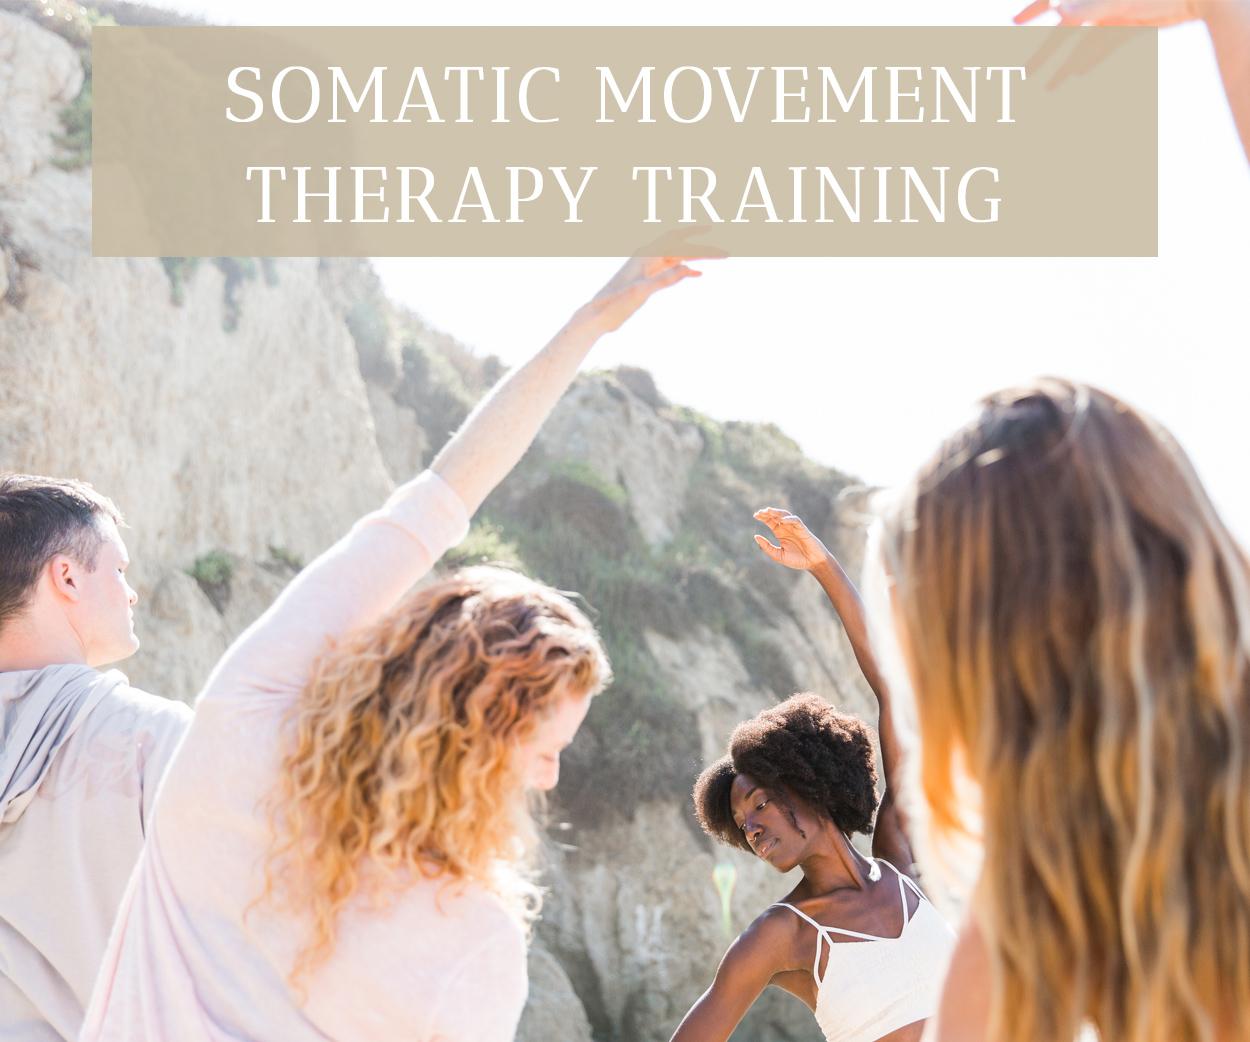 SMT Training.jpg